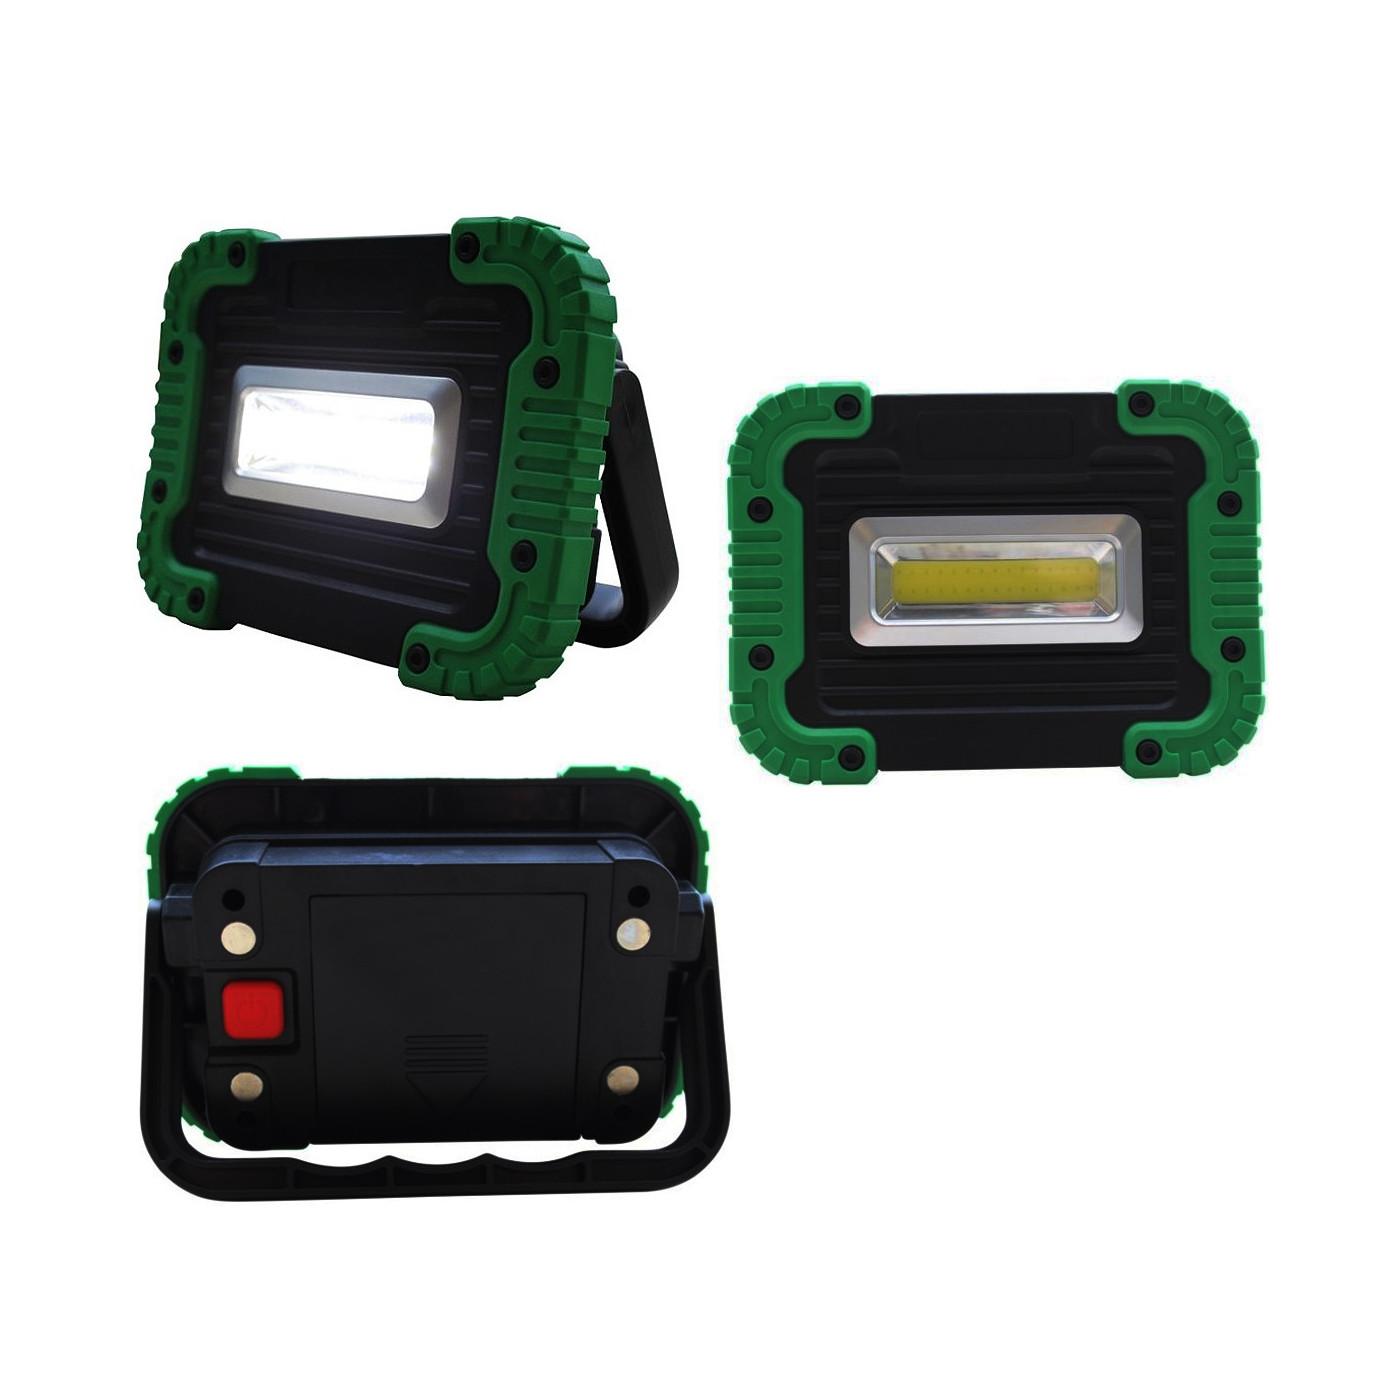 Kleine LED bouwlamp op batterijen (8 Watt)